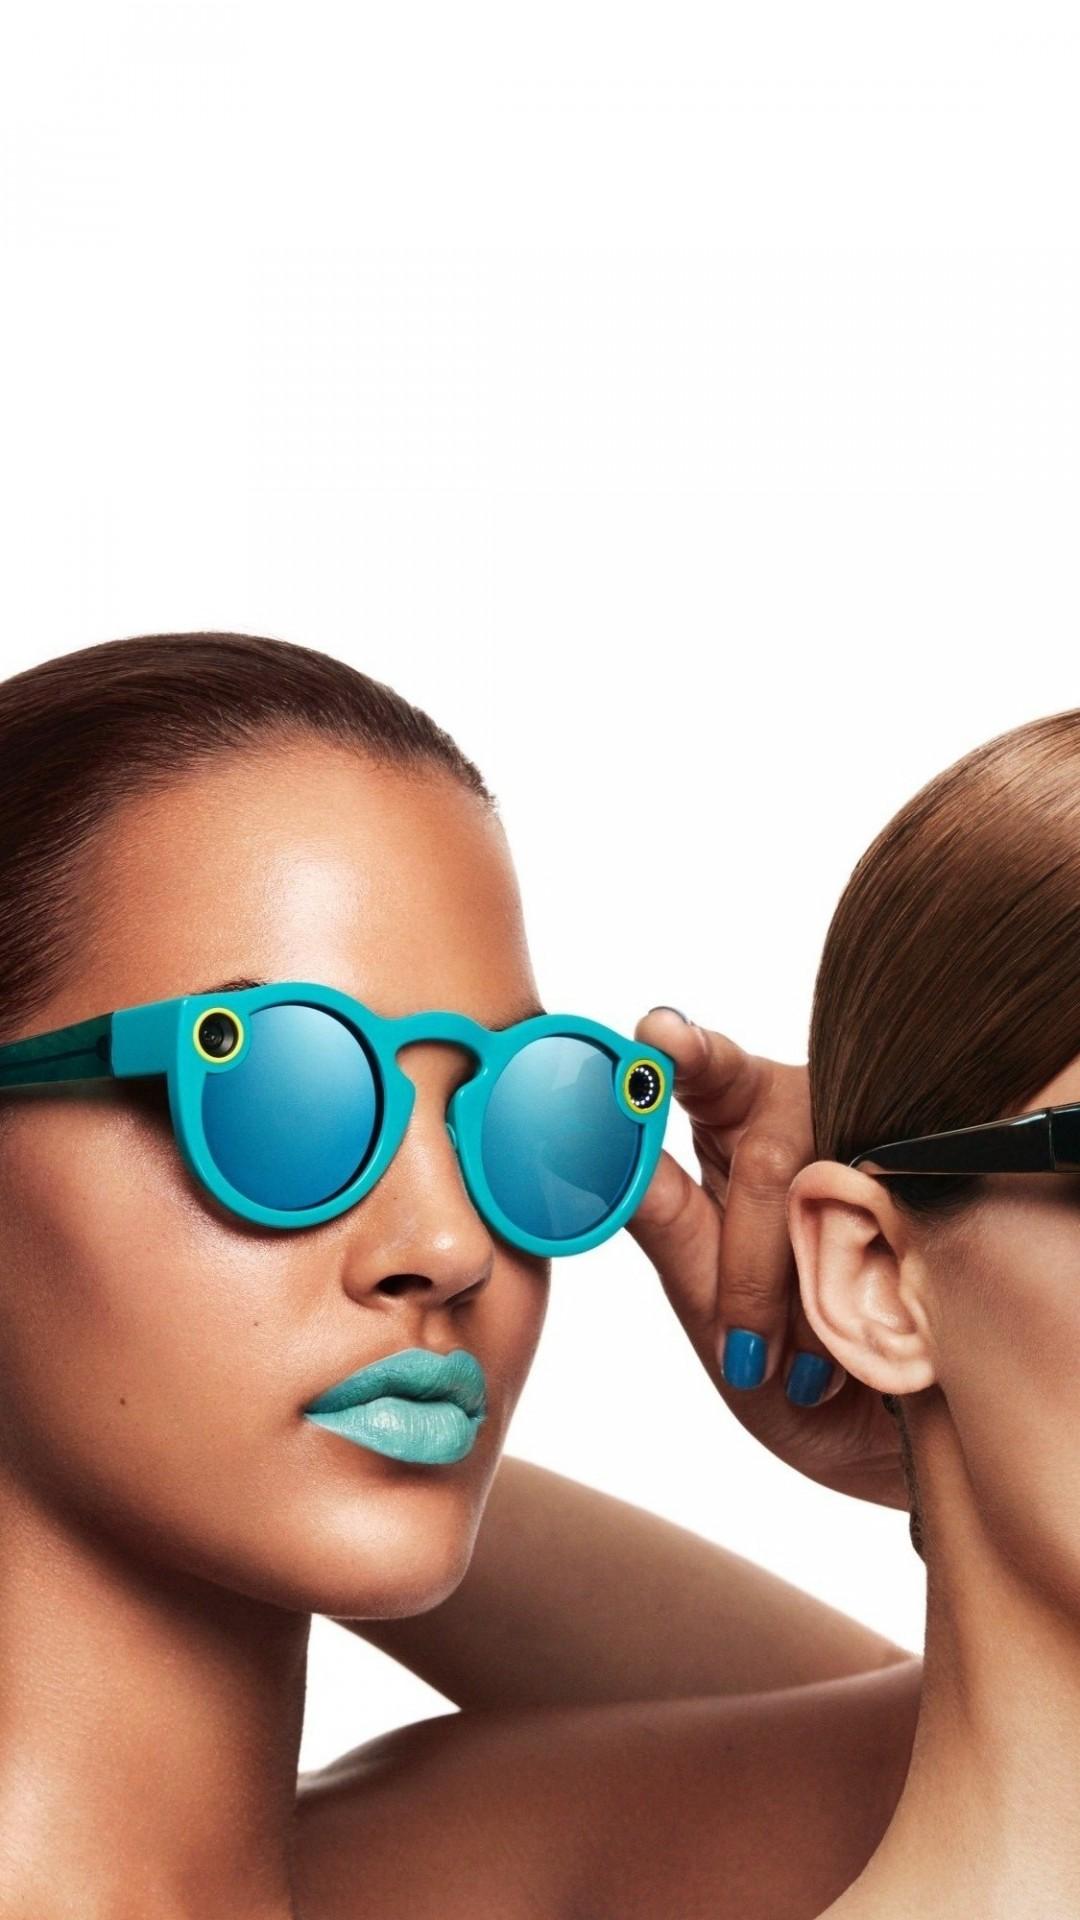 Wallpaper Snapchat Glasses Girl Blue Lips Google Glass